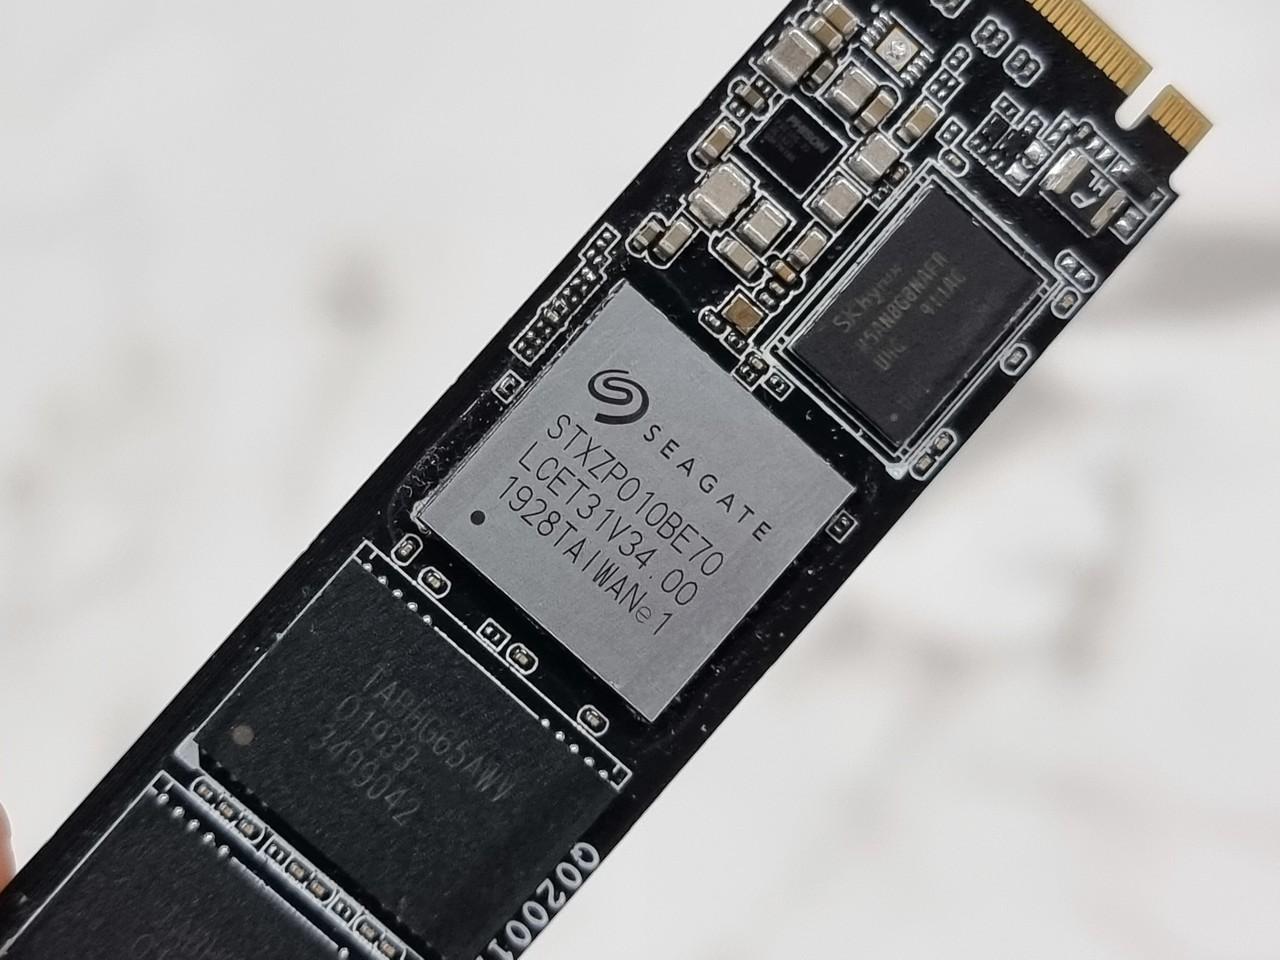 ▲ 씨게이트 STXZP010BE70 컨트롤러가 사용됐다. SK 하이닉스의 DRAM도 확인할 수 있다.